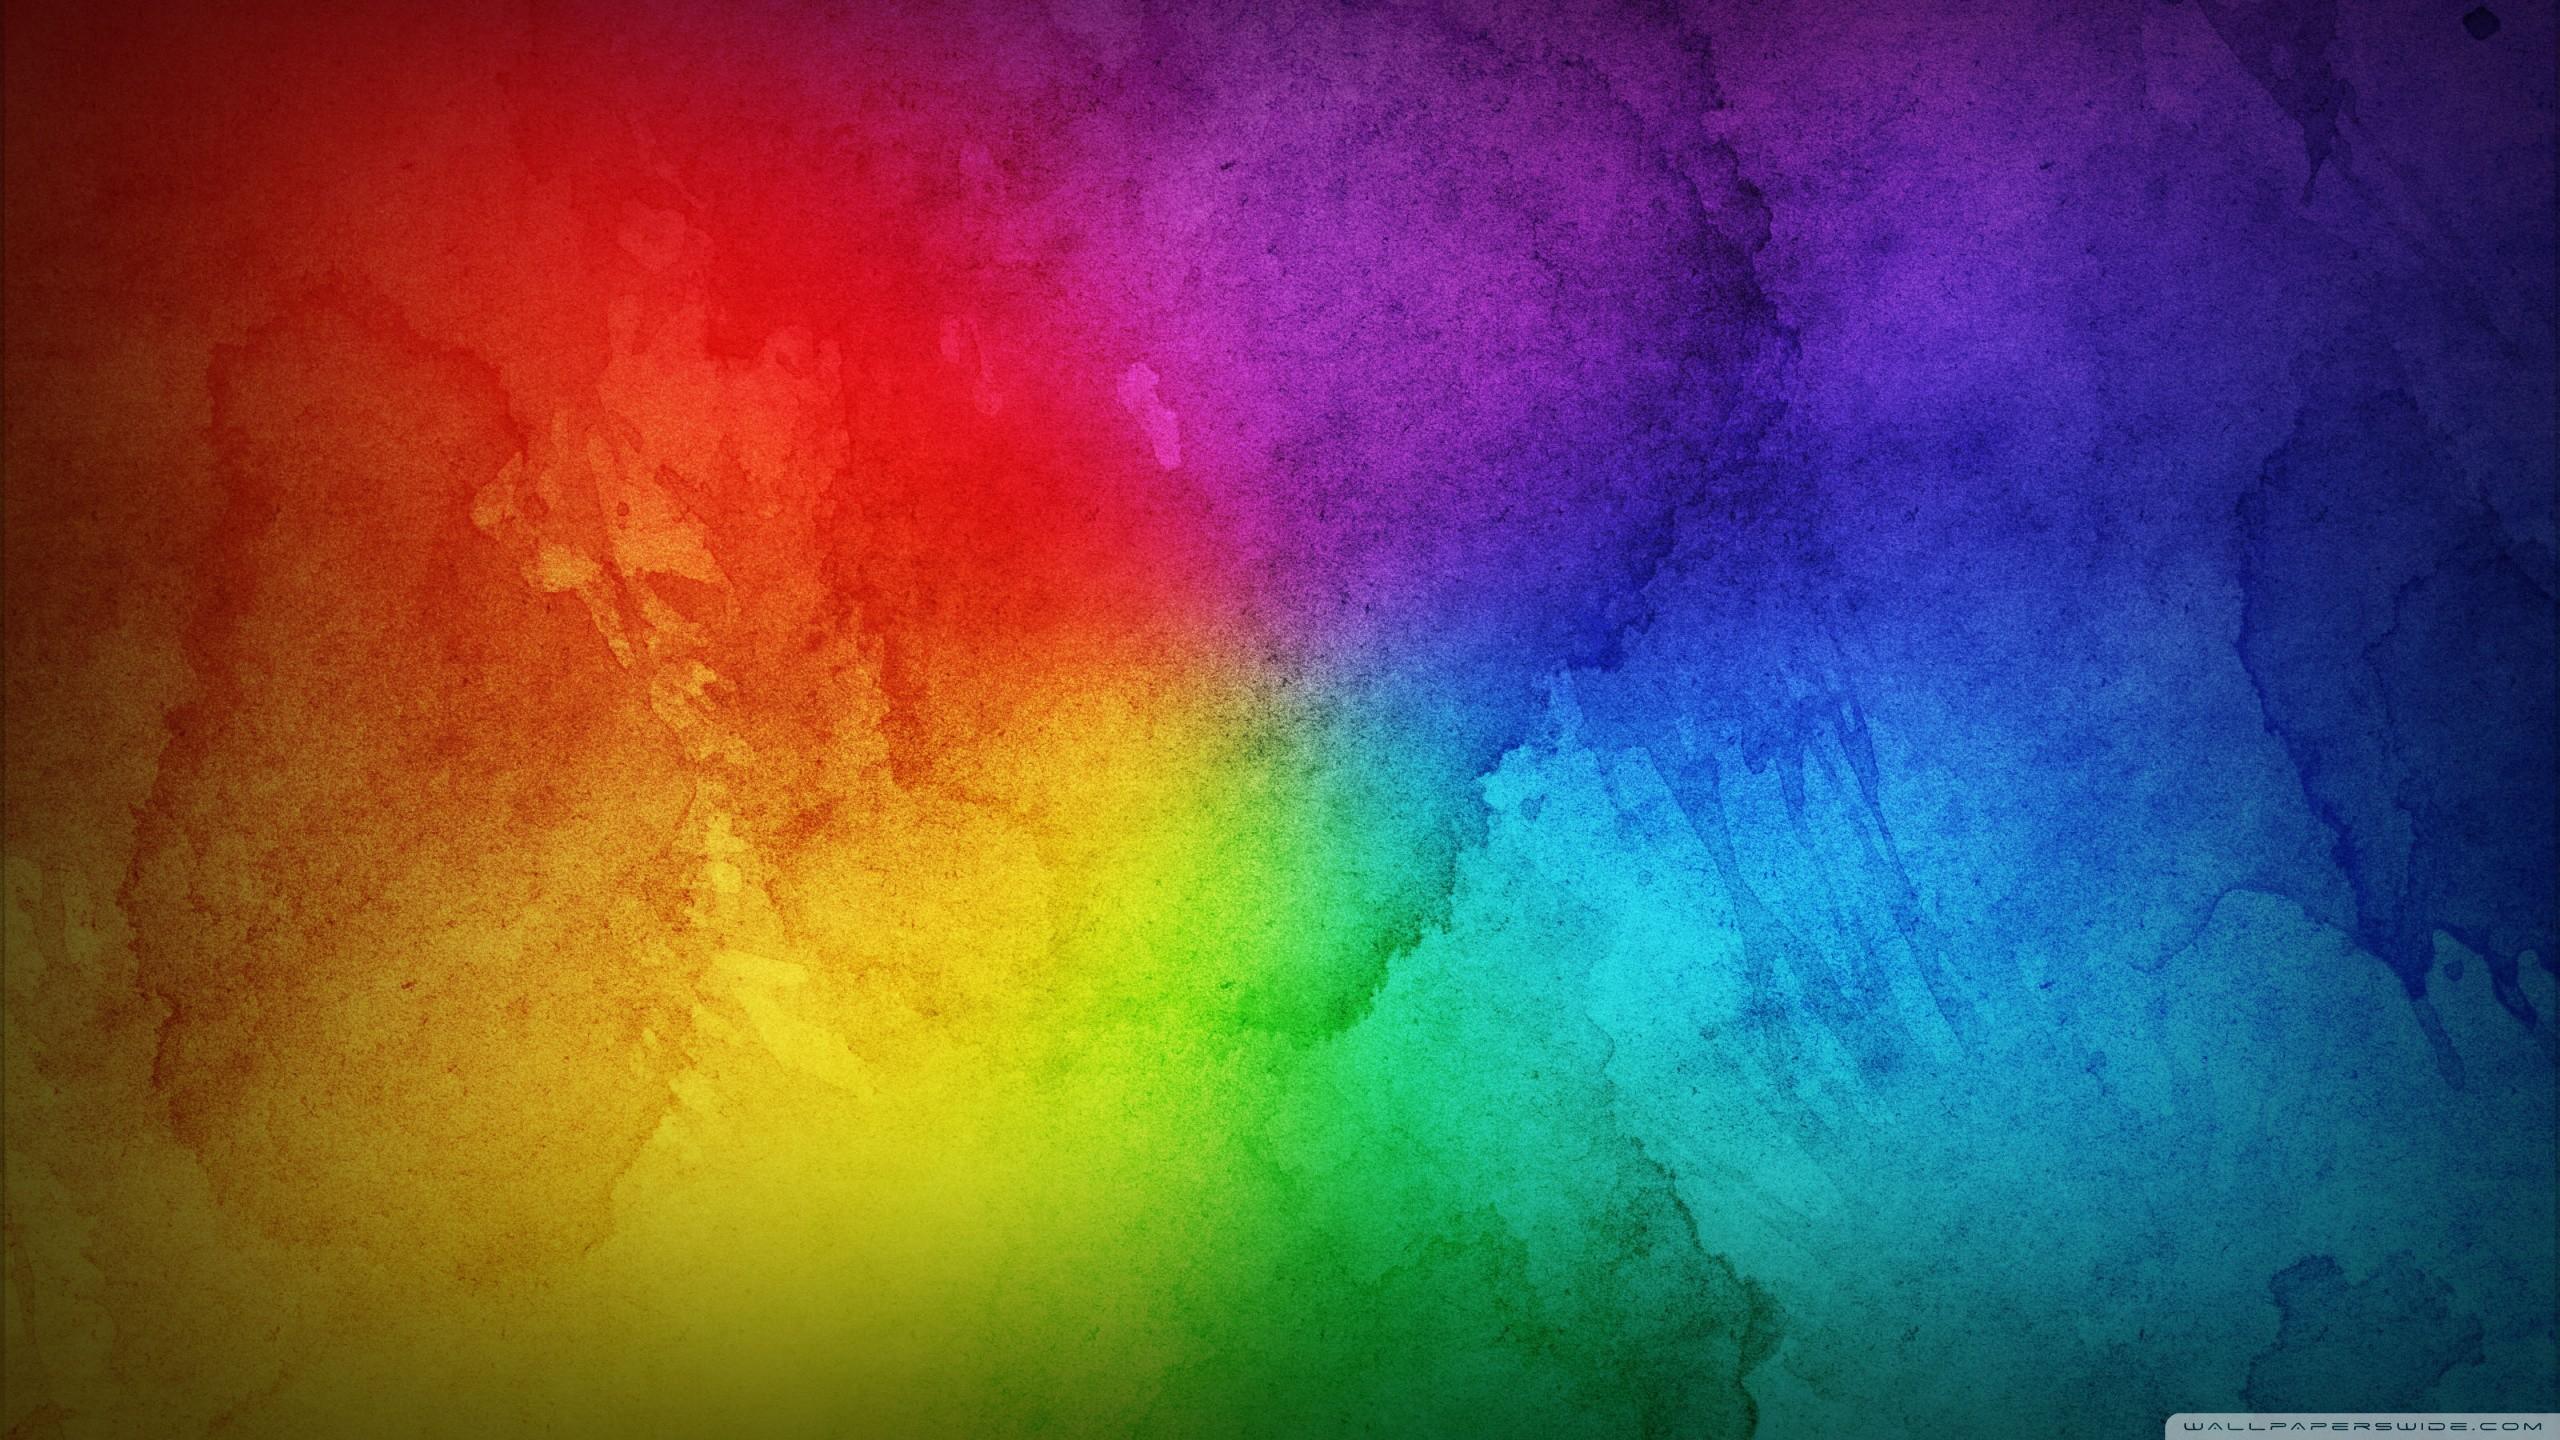 rainbow wallpaper pack 1080p hd | sharovarka | Pinterest | Rainbow wallpaper,  Wallpaper and Widescreen wallpaper